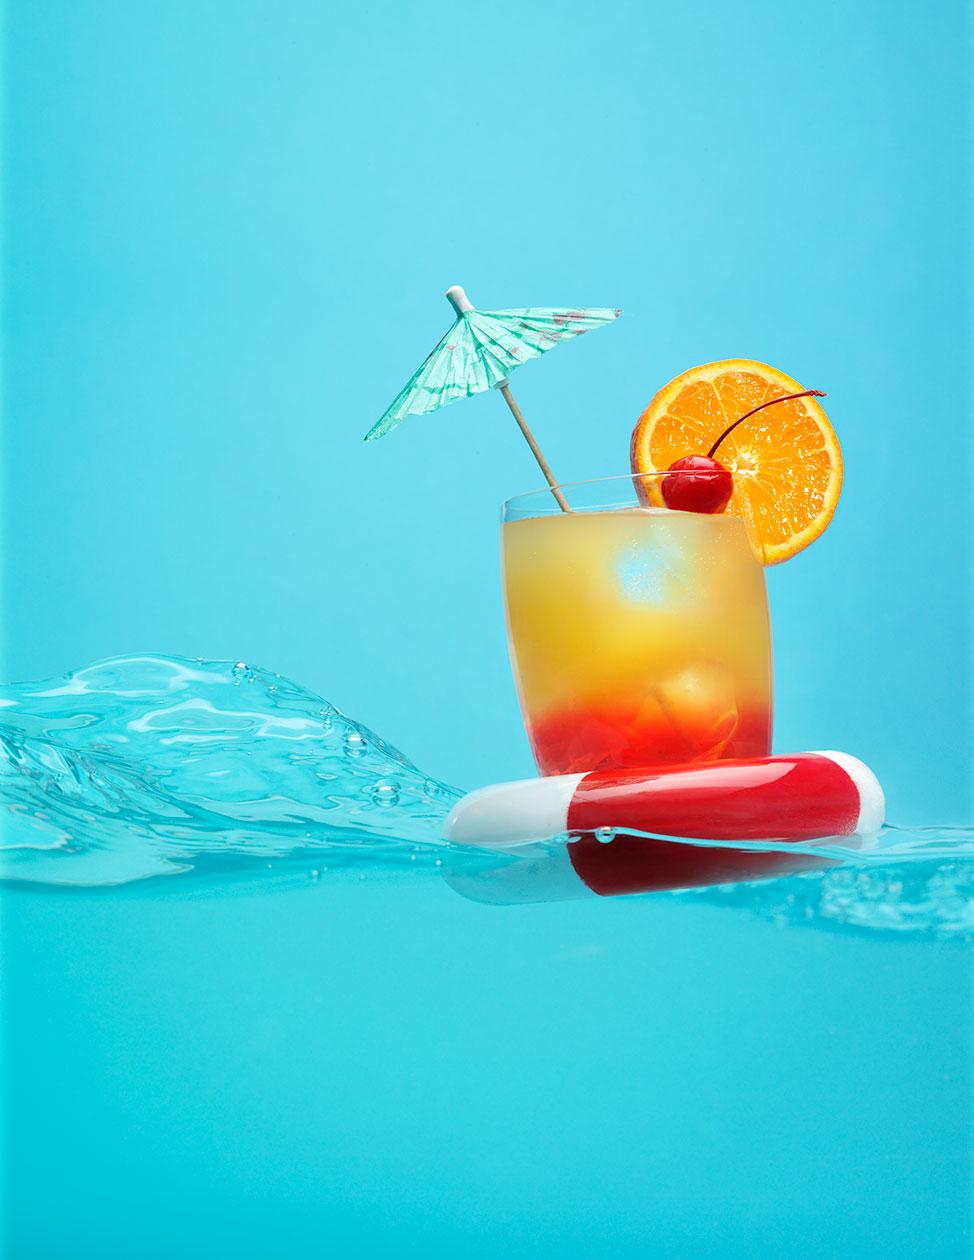 Petkov_Drink_Floater_0209.jpg